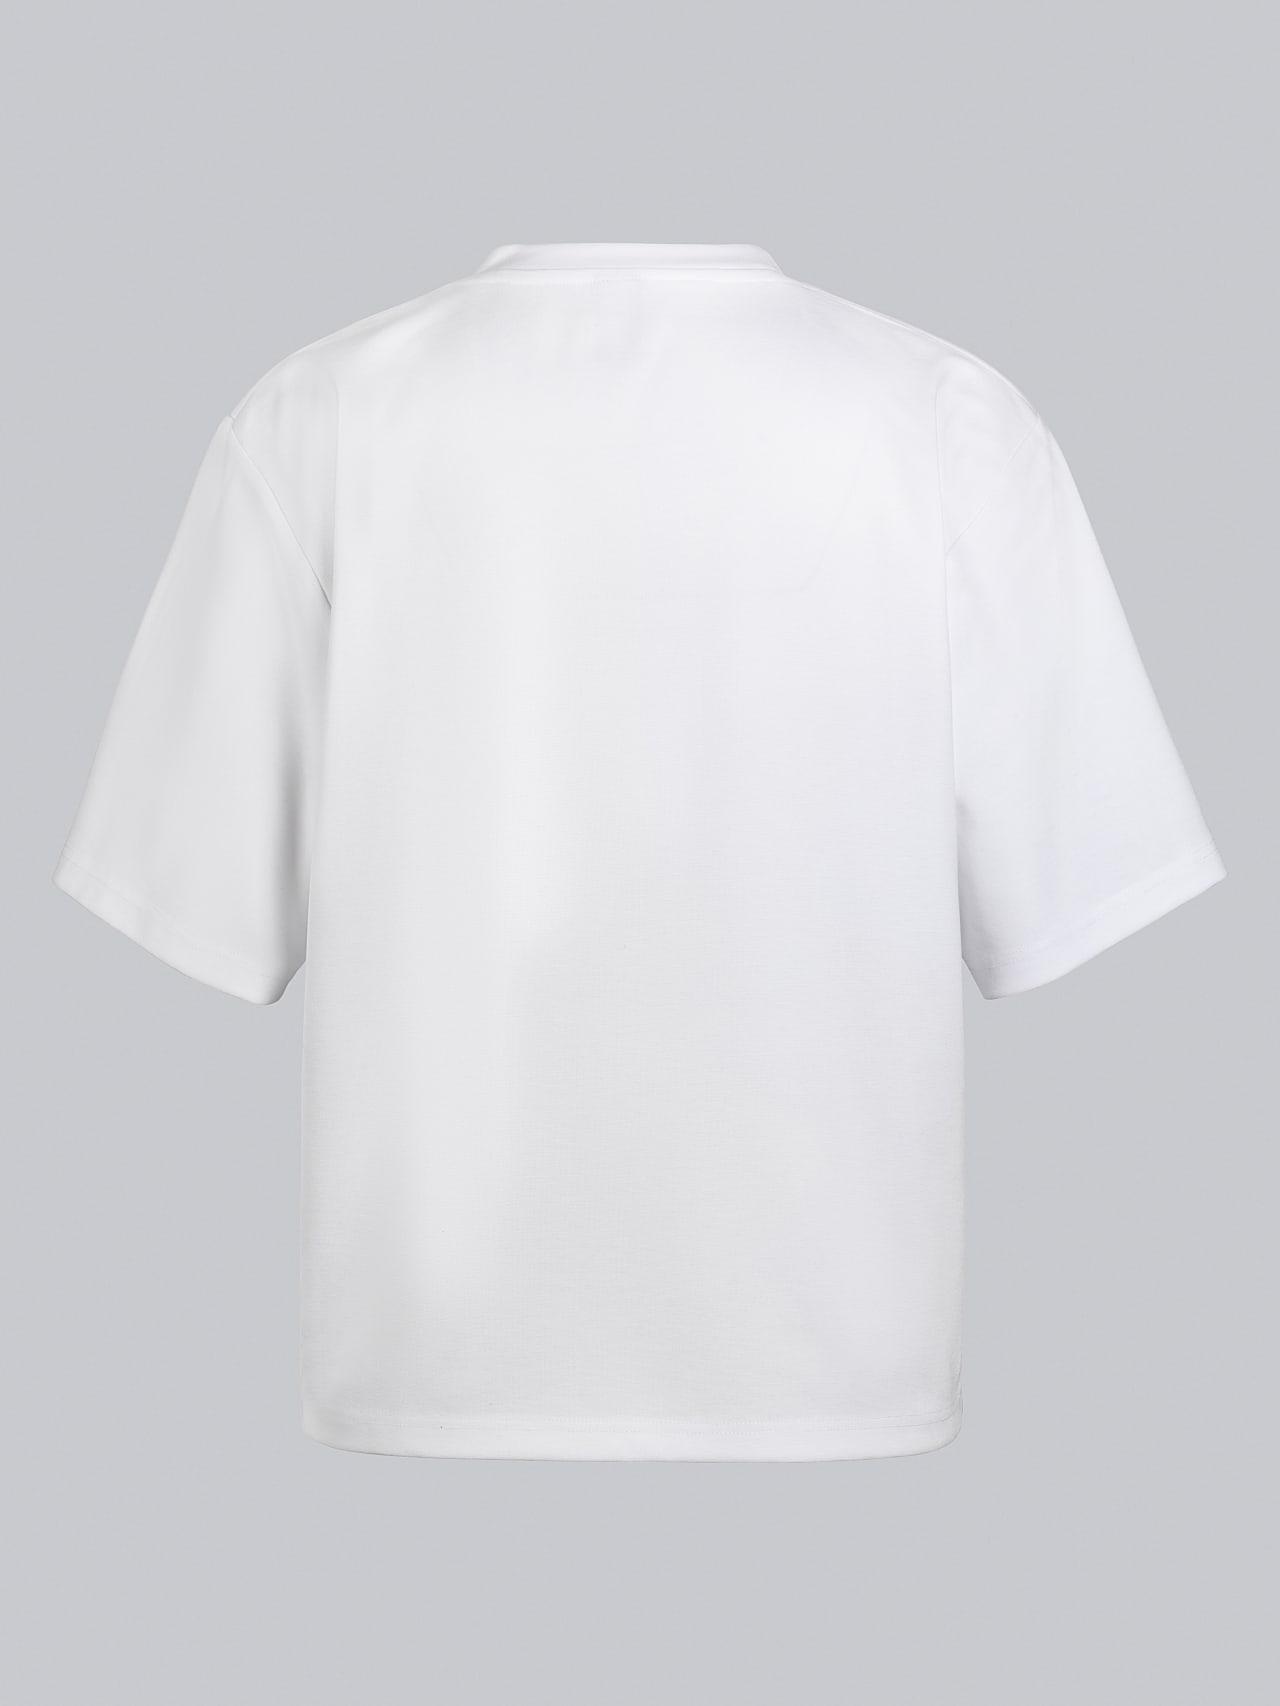 JASHU V1.Y5.02 Heavy-Weight Logo T-Shirt white Left Alpha Tauri